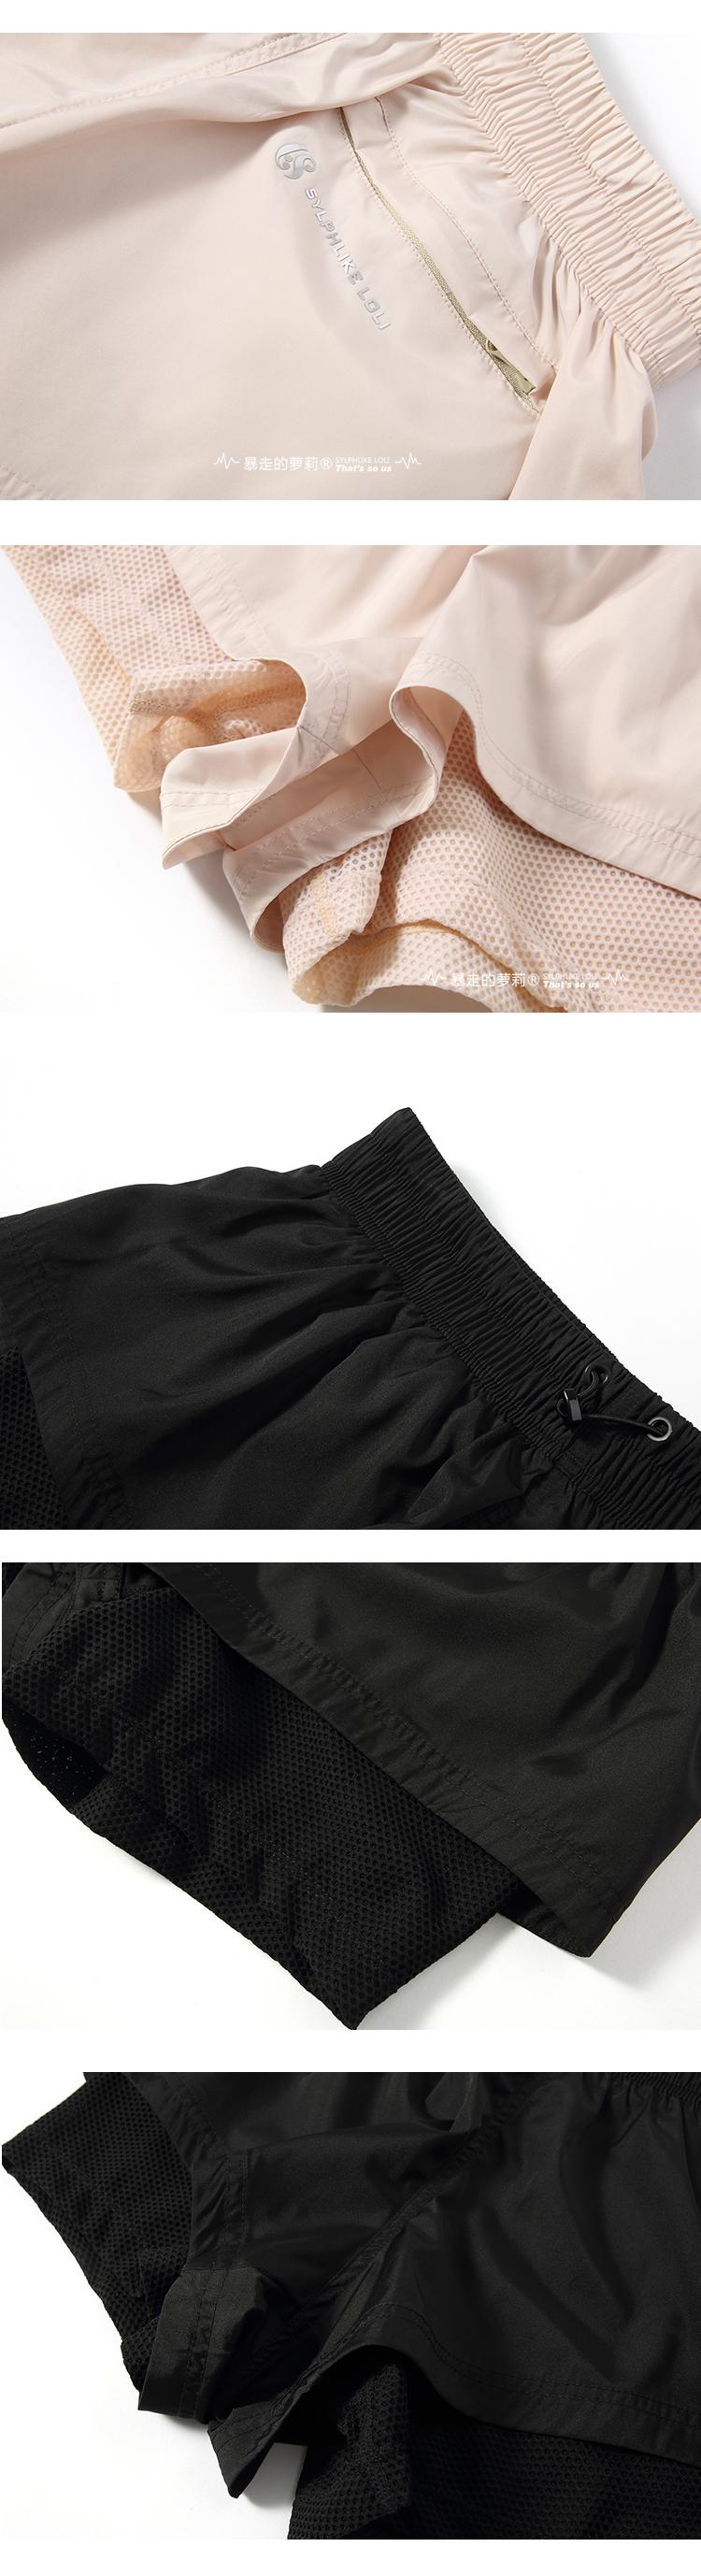 暴走的萝莉旗舰店暴走的萝莉 时尚抽绳运动短裤女速干透气防走光跑步健身三分裤